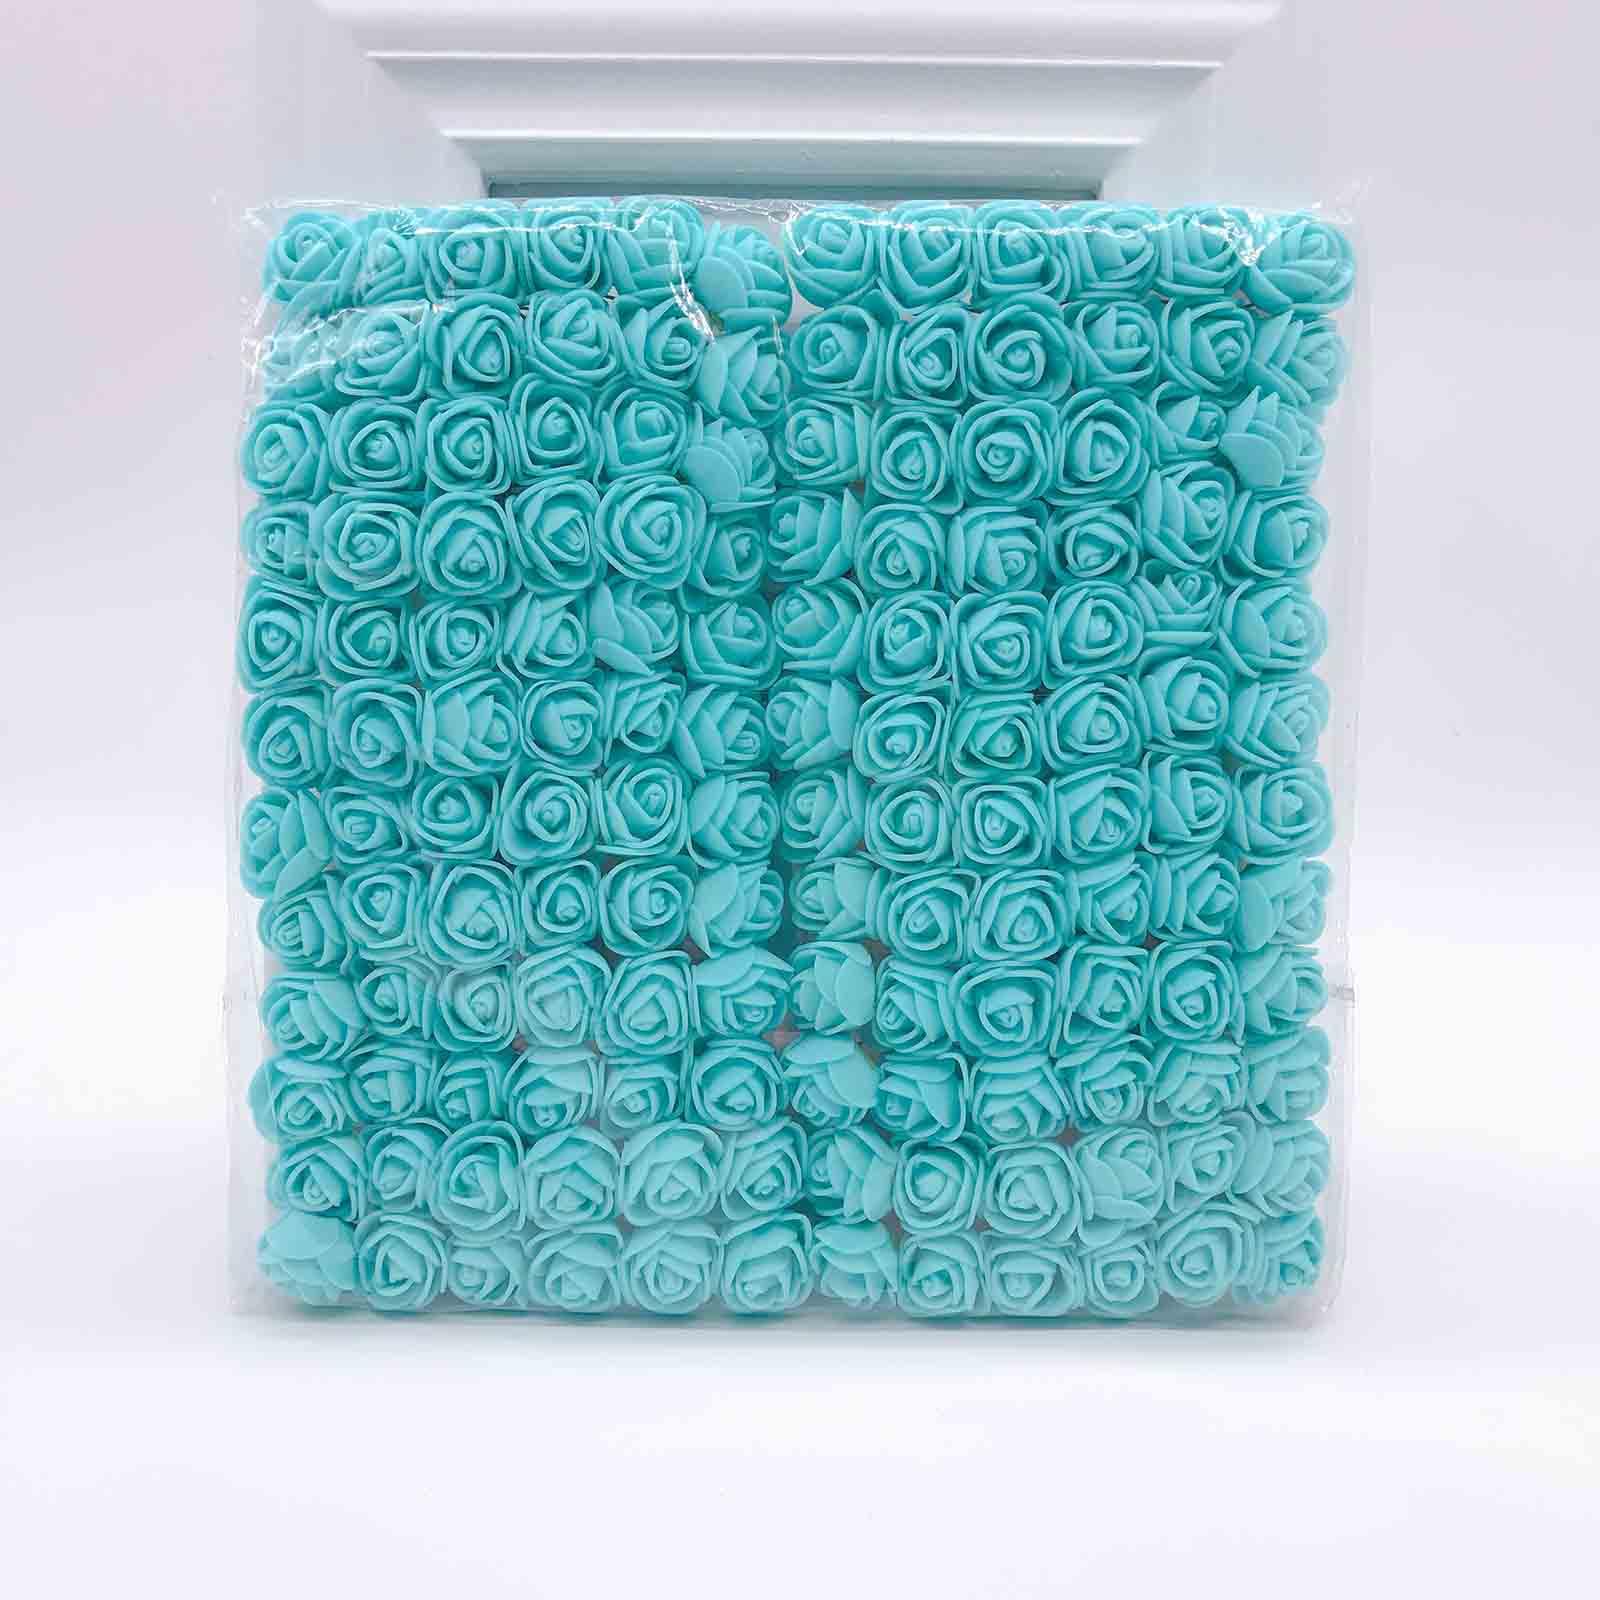 144 шт 2 см мини-розы из пенопласта для дома, свадьбы, искусственные цветы, декорация для скрапбукинга, сделай сам, венок, Подарочная коробка, дешевый искусственный цветок, букет - Цвет: 12